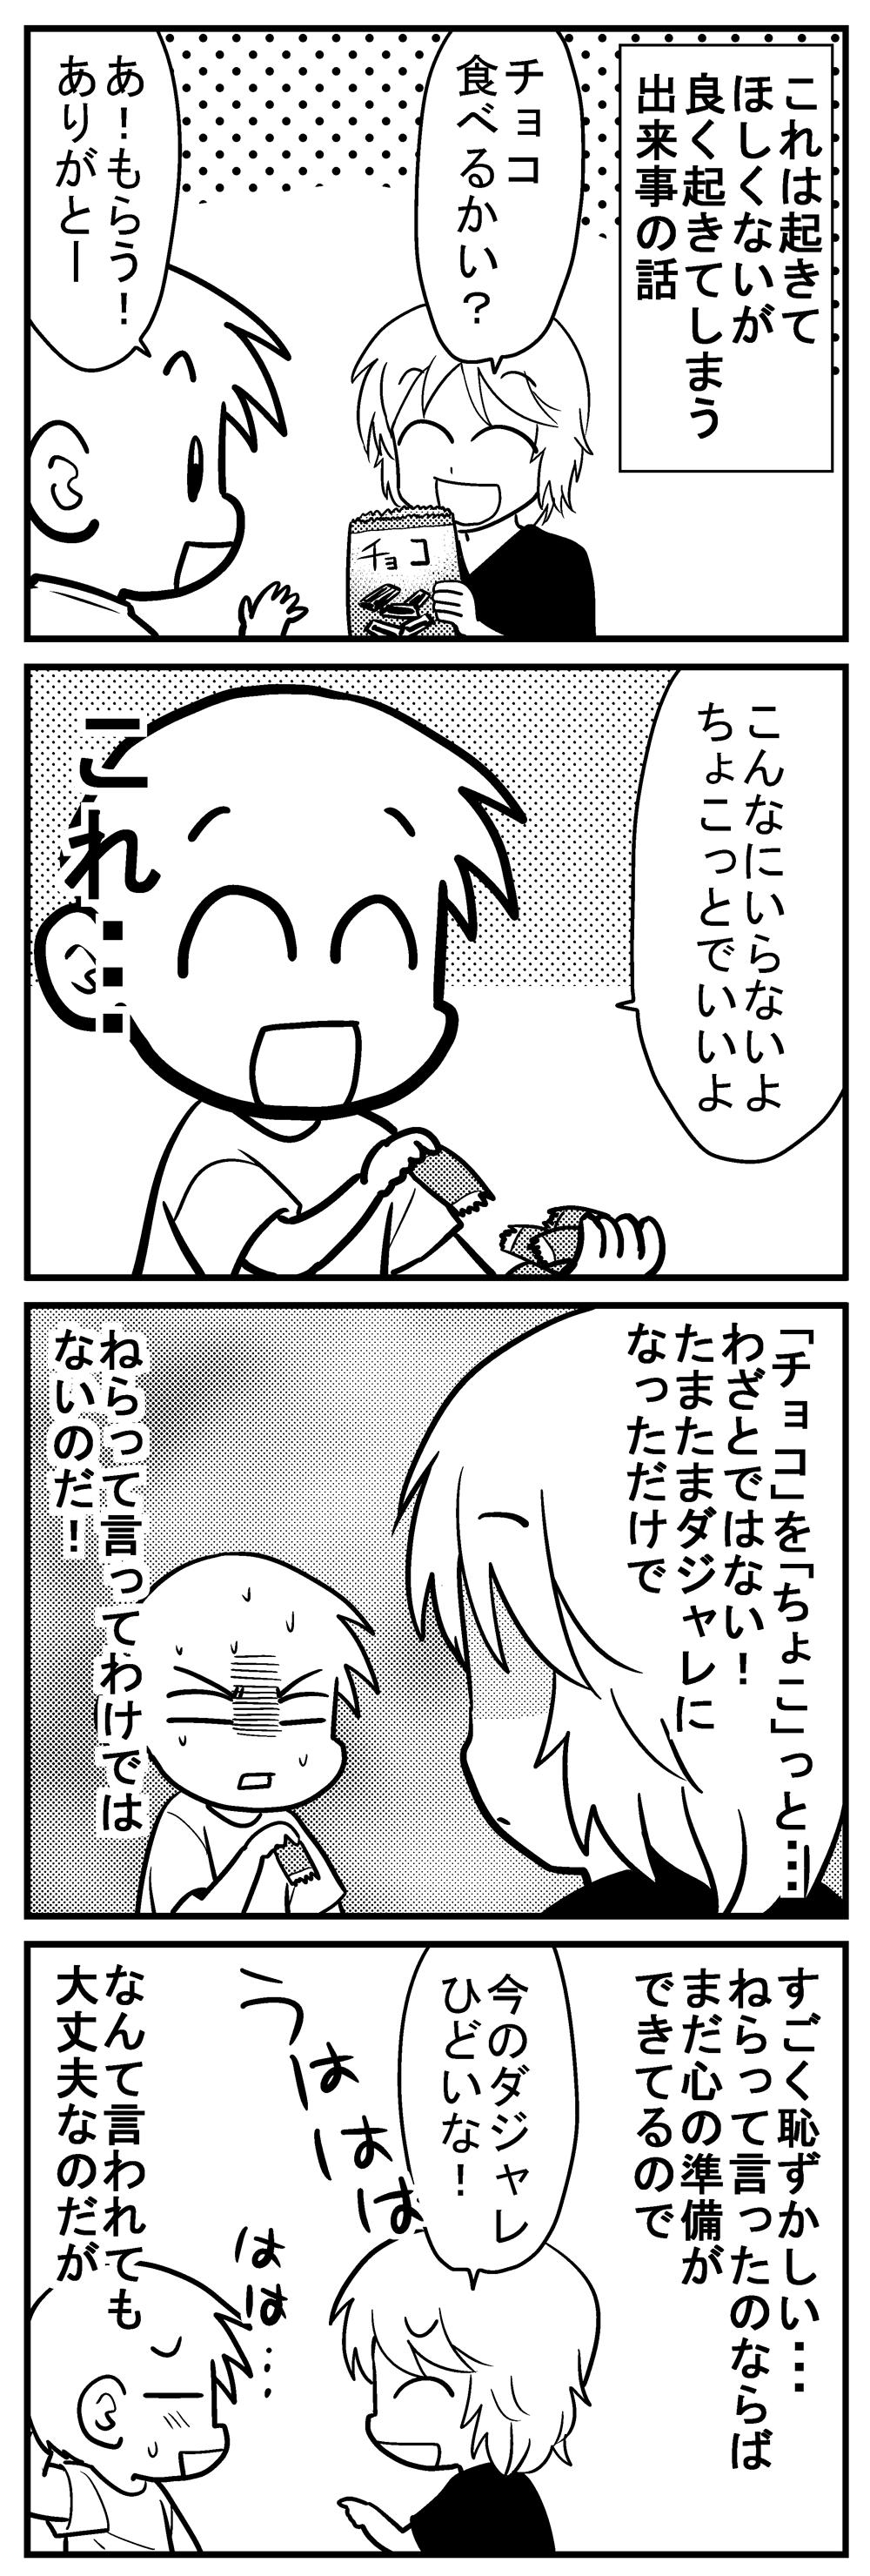 深読みくん91-1